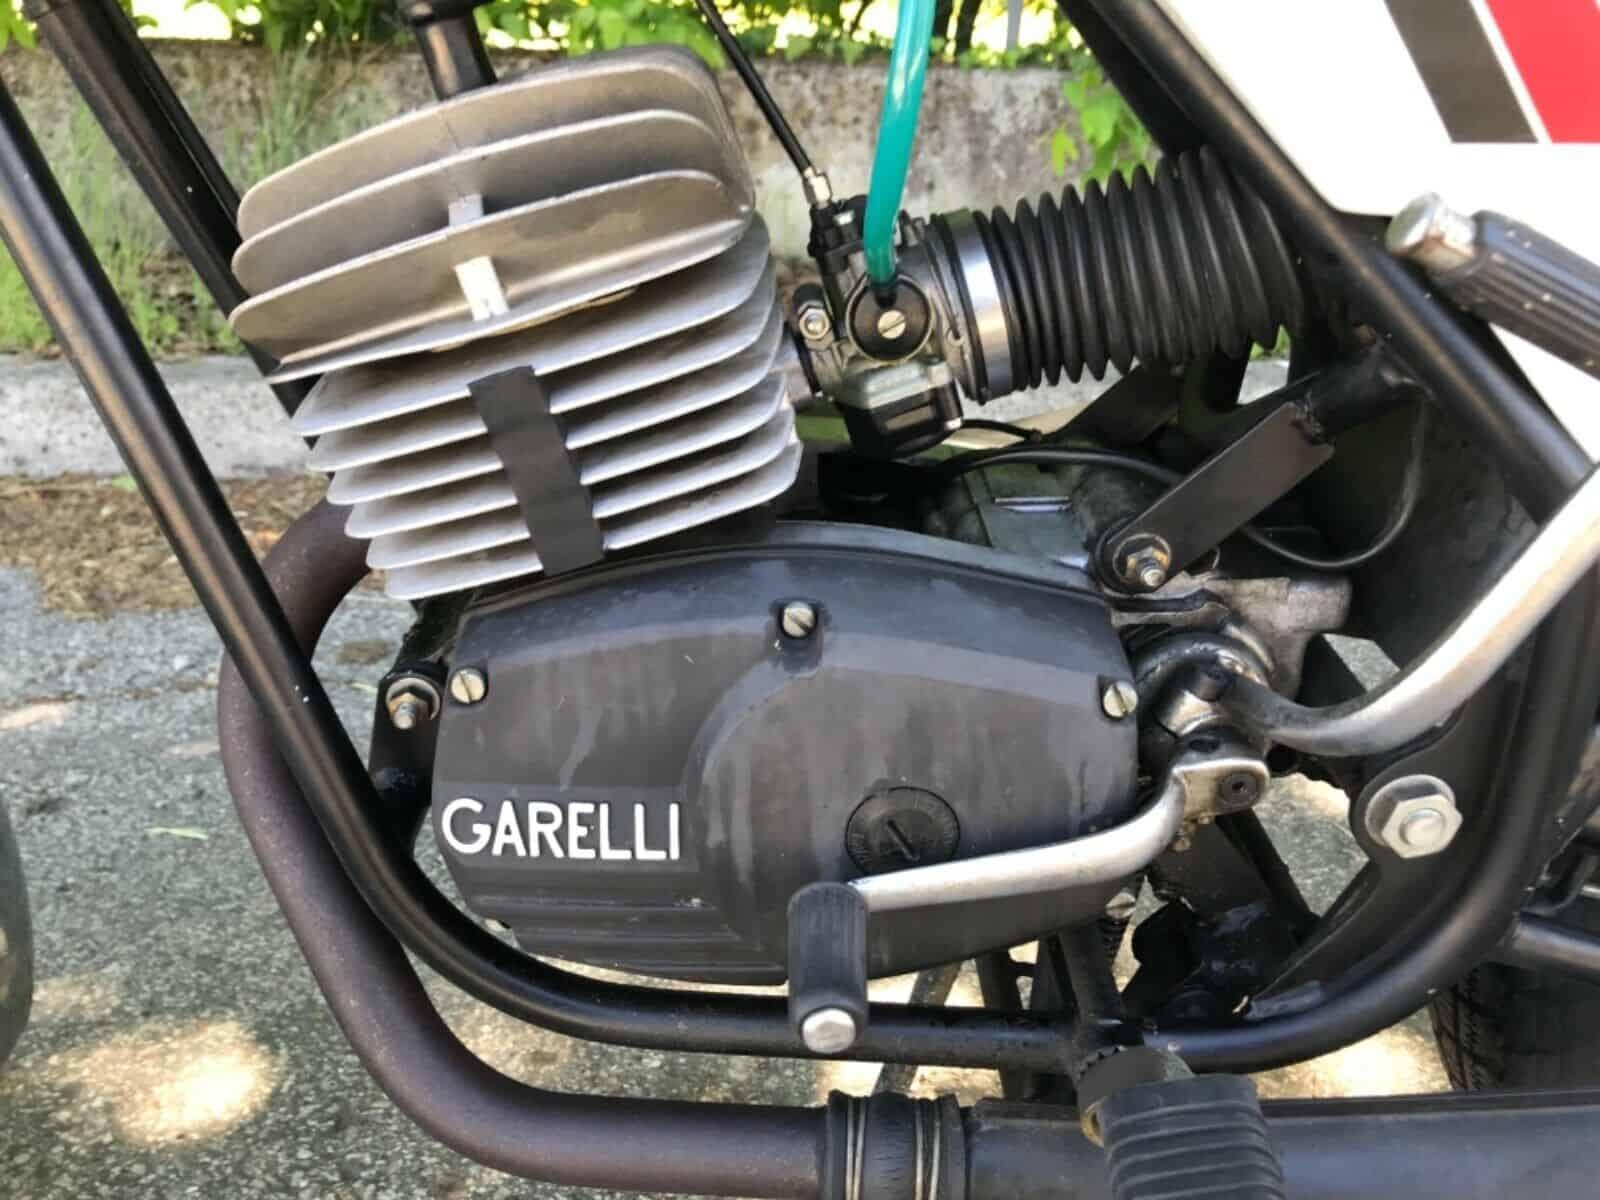 GARELLI GRAN TURISMO 50cc 1977